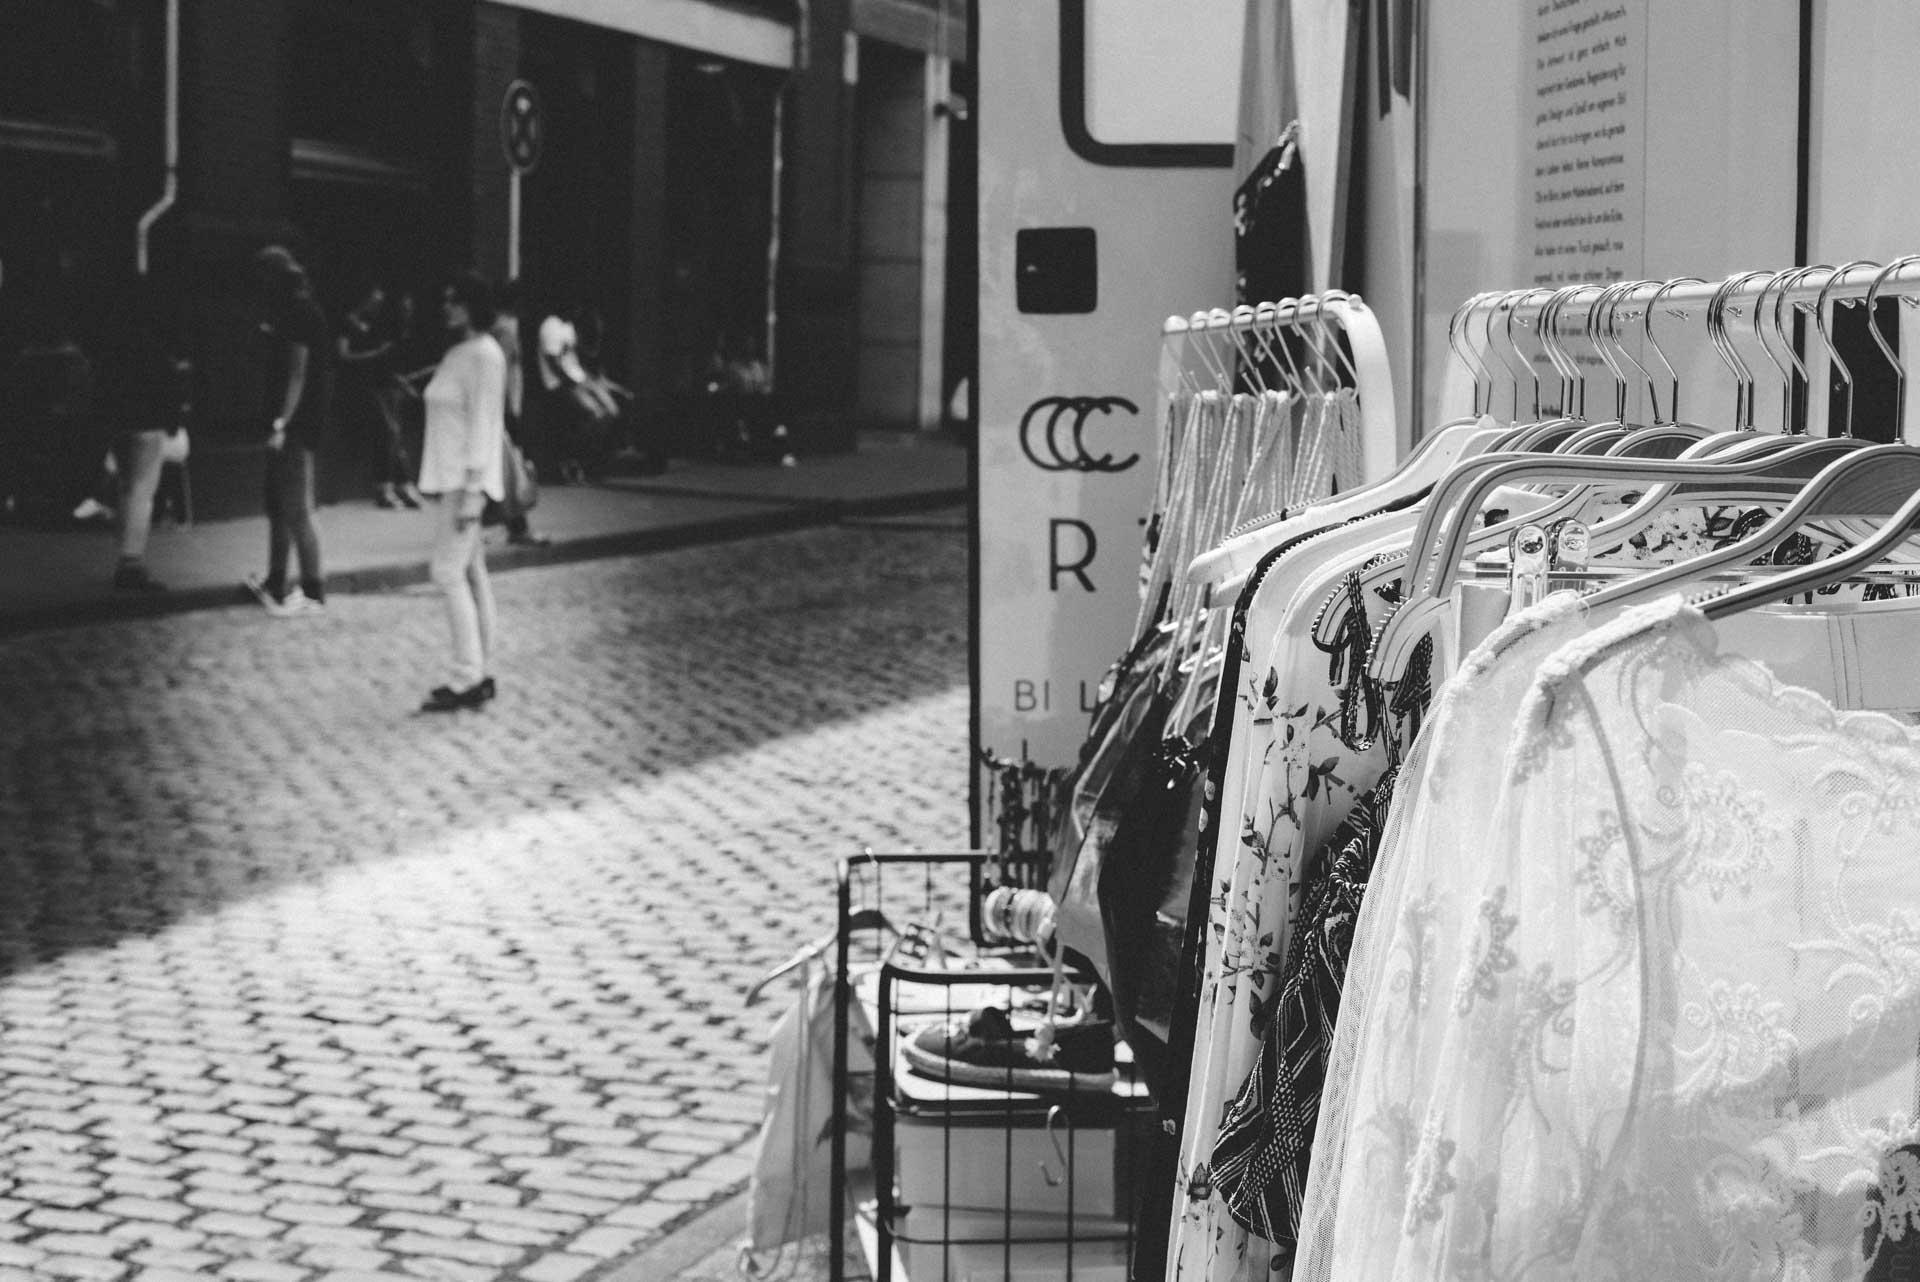 Stijl Markt_wearecity_Luisa Zeltner_koeln.jpg-12.jpg